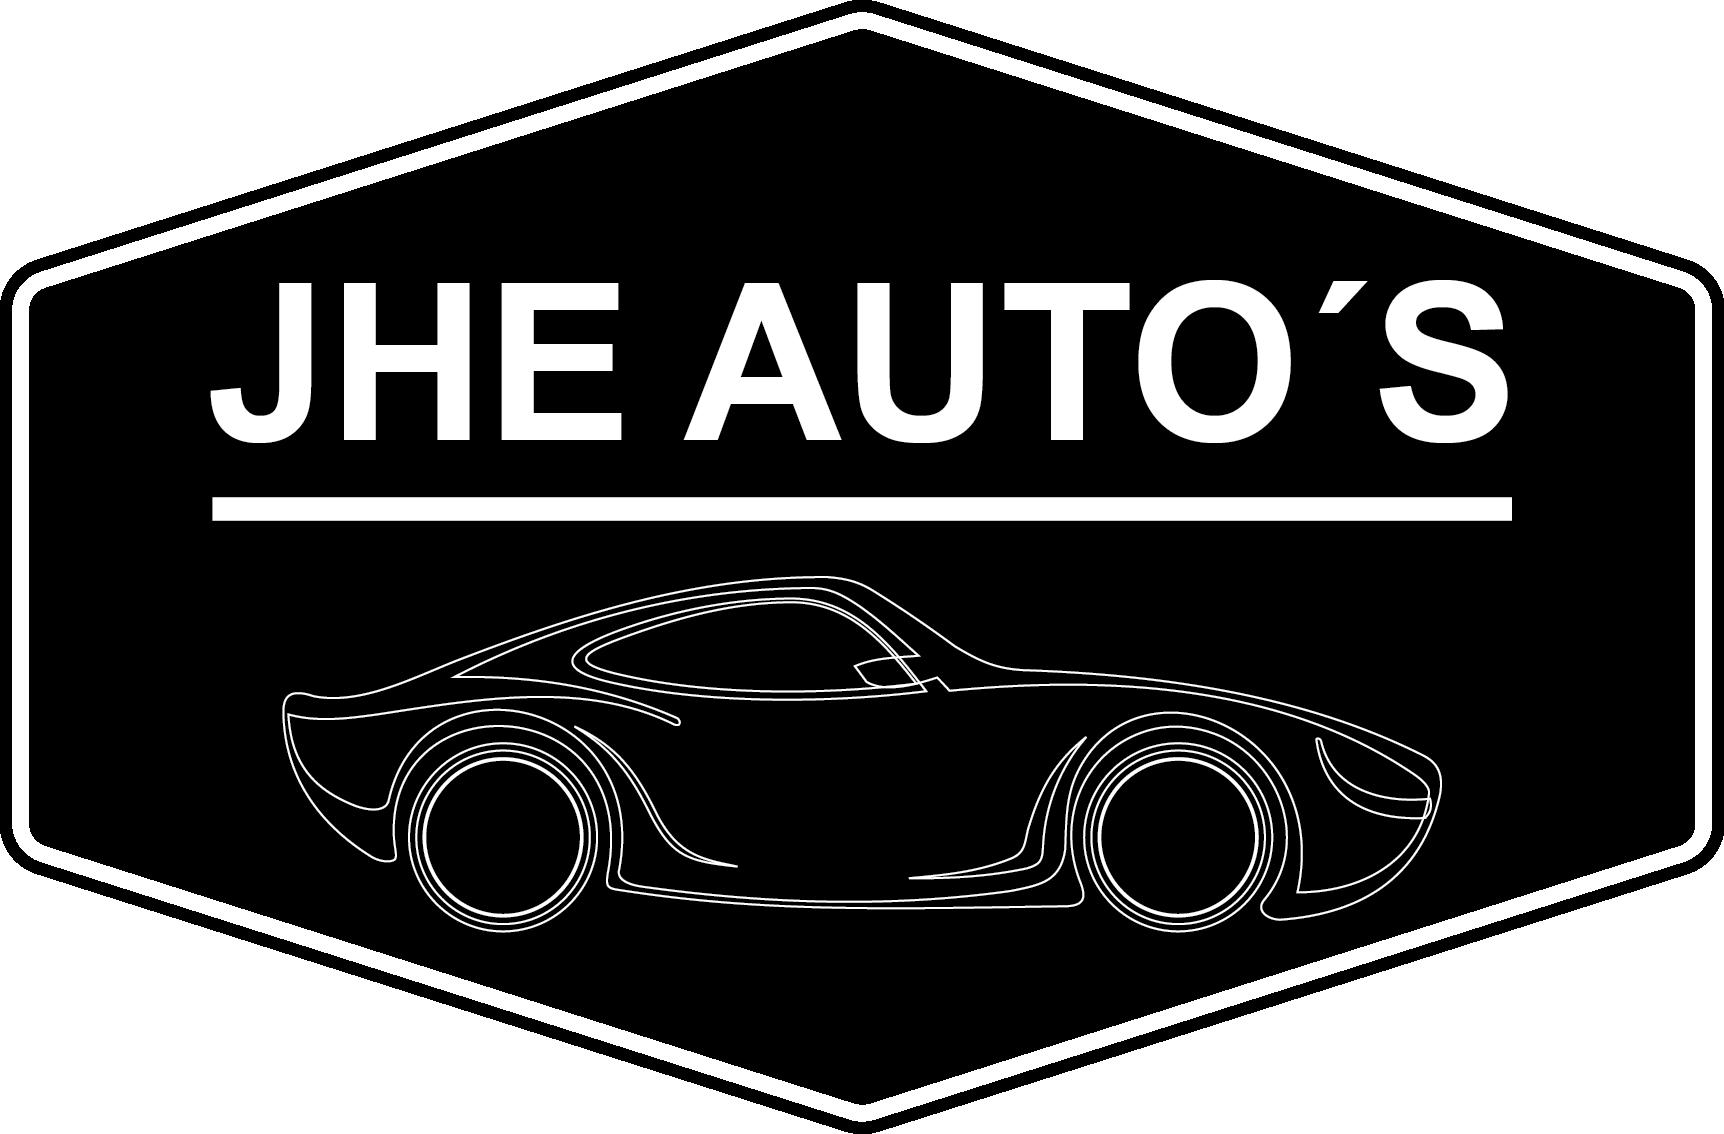 JHE Auto's